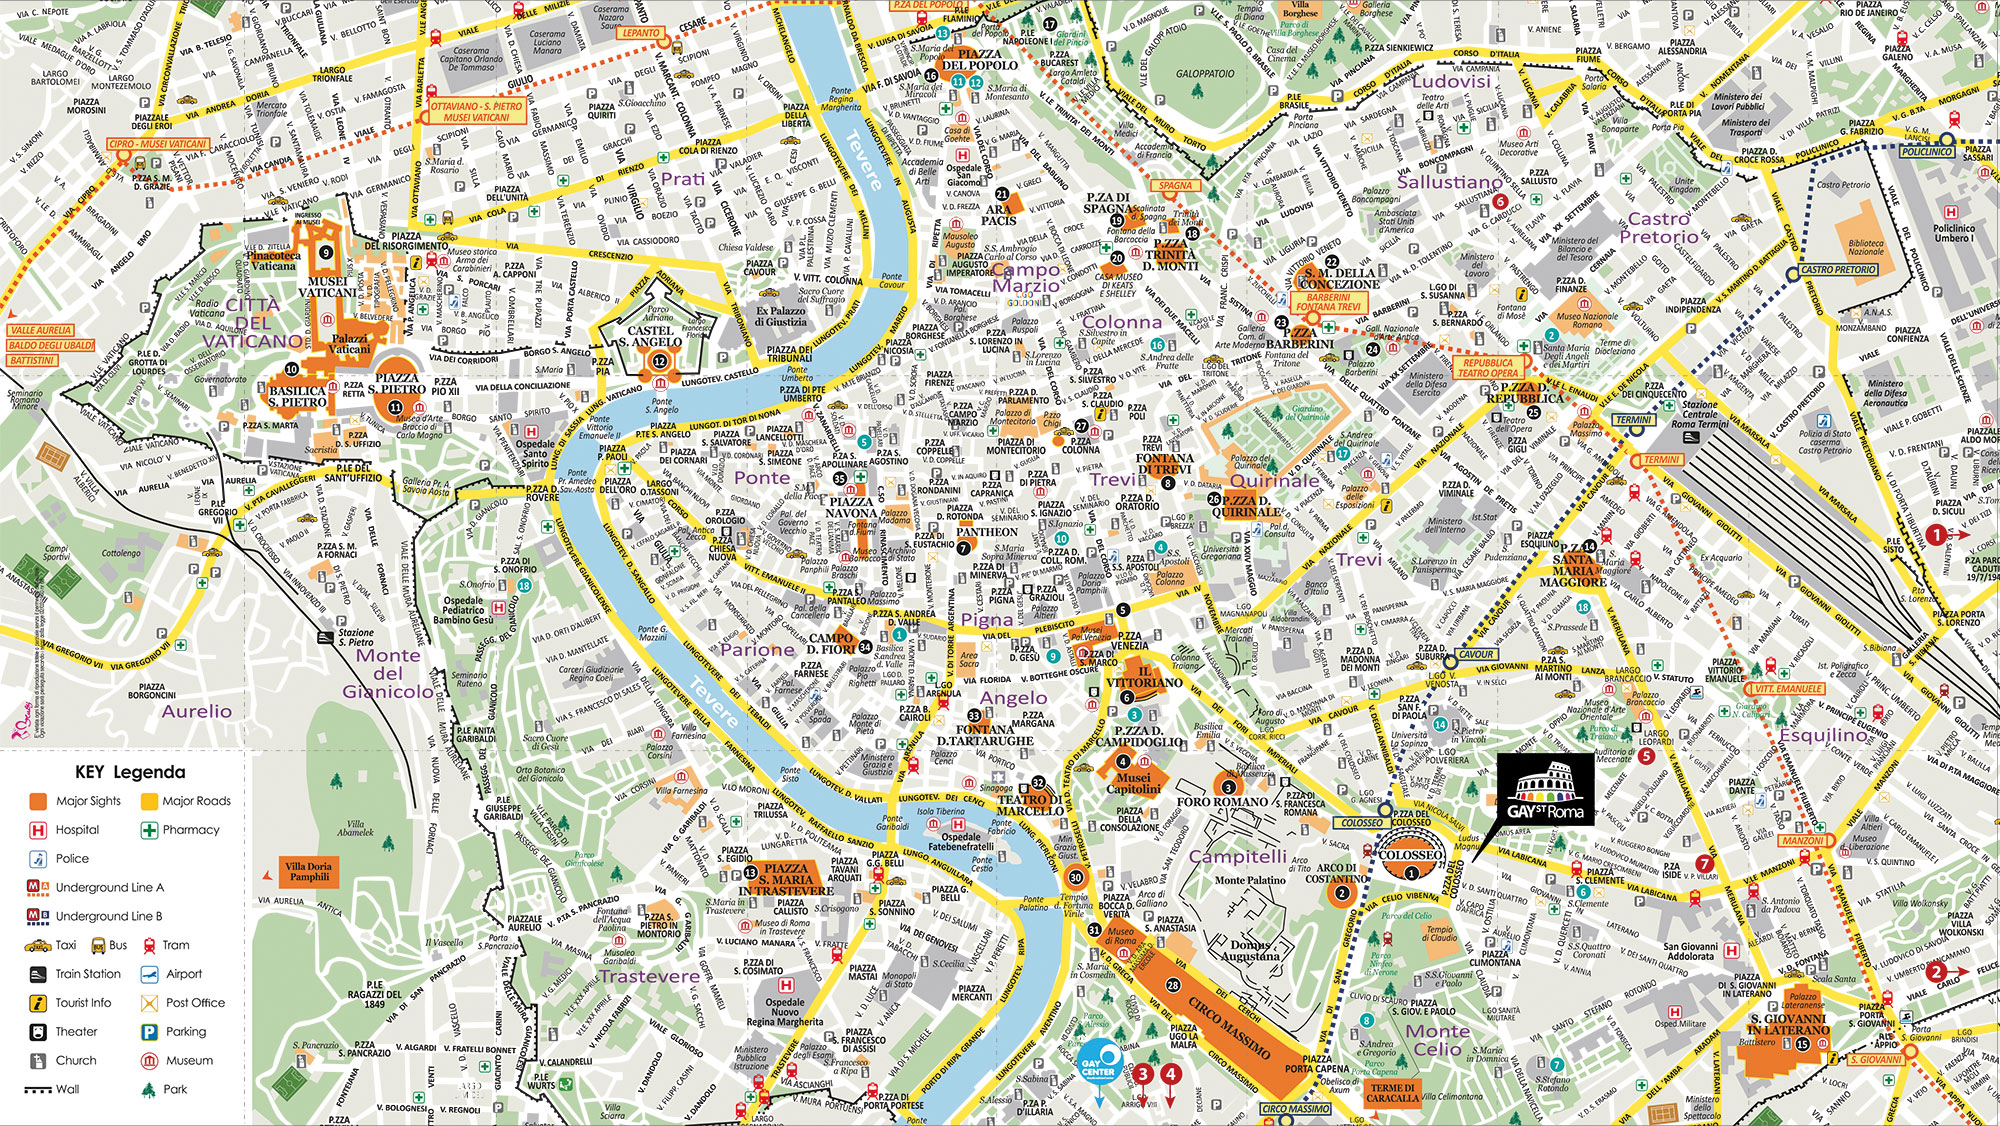 Cartina Di Roma Centro Con Monumenti.Mappa Turistica Roma Scaricabile